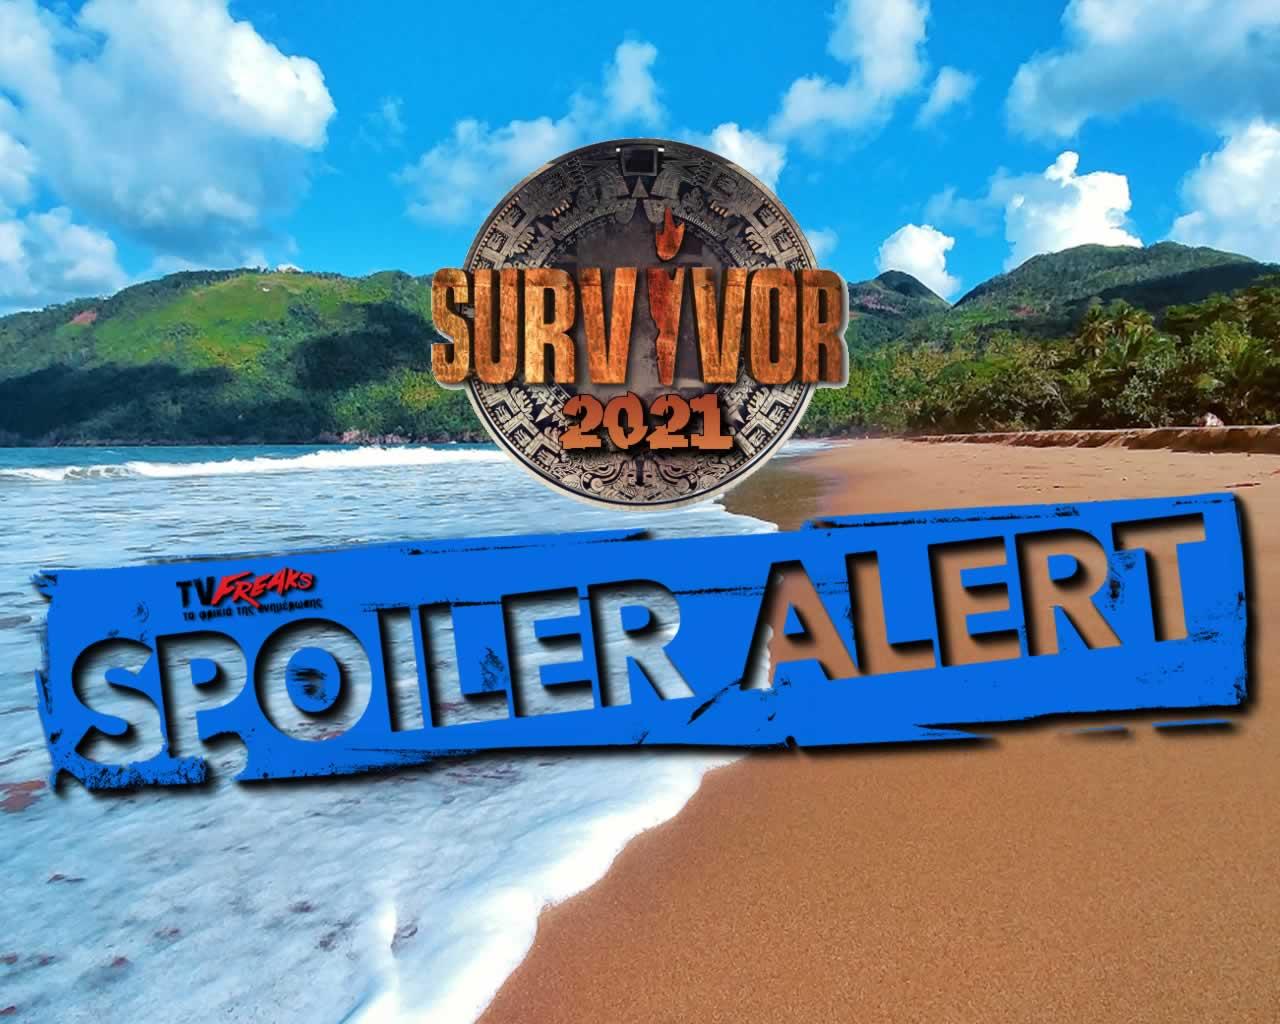 Survivor, Survivor 4, SURVIVOR GREECE, SURVIVOR GREECE 2021, Survivor spoiler, survivor spoiler 28/02, Survivor spoiler 28/2, survivor spoiler διαρροή 28 02, survivor spoiler διαρροή 28 2, survivor διαρροή 28/02, Survivor διαρροή 28/2, Survivor διαρροη spoiler Survivor 2021, Survivor έπαθλο φαγητού, διαρροή,